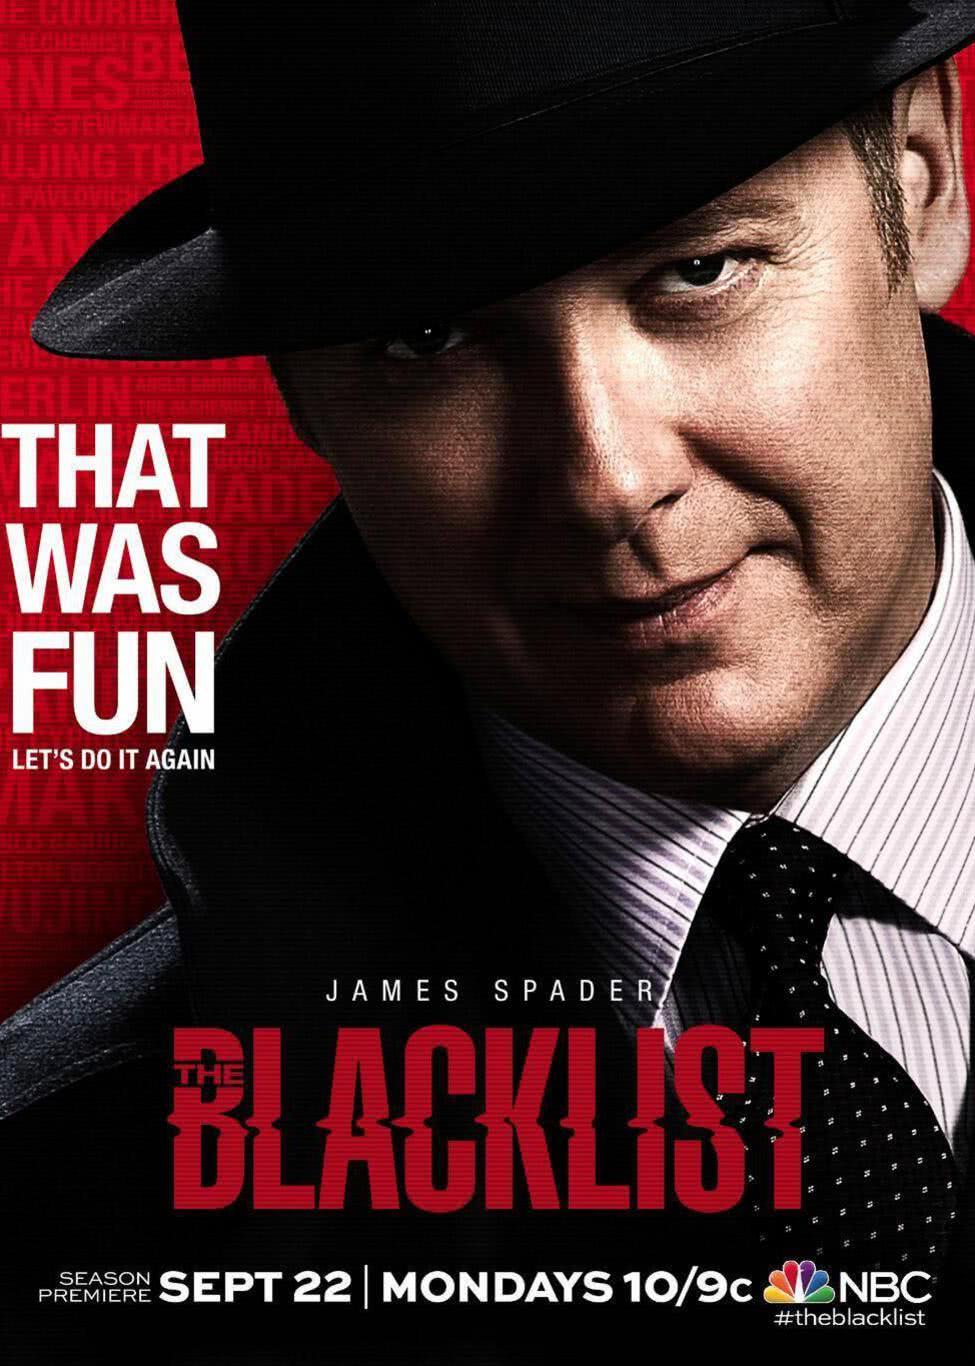 黑名单第二季吉吉影音|黑名单第二季詹姆斯·斯派德,梅根·布|黑名单第二季导演是乔·卡纳汉